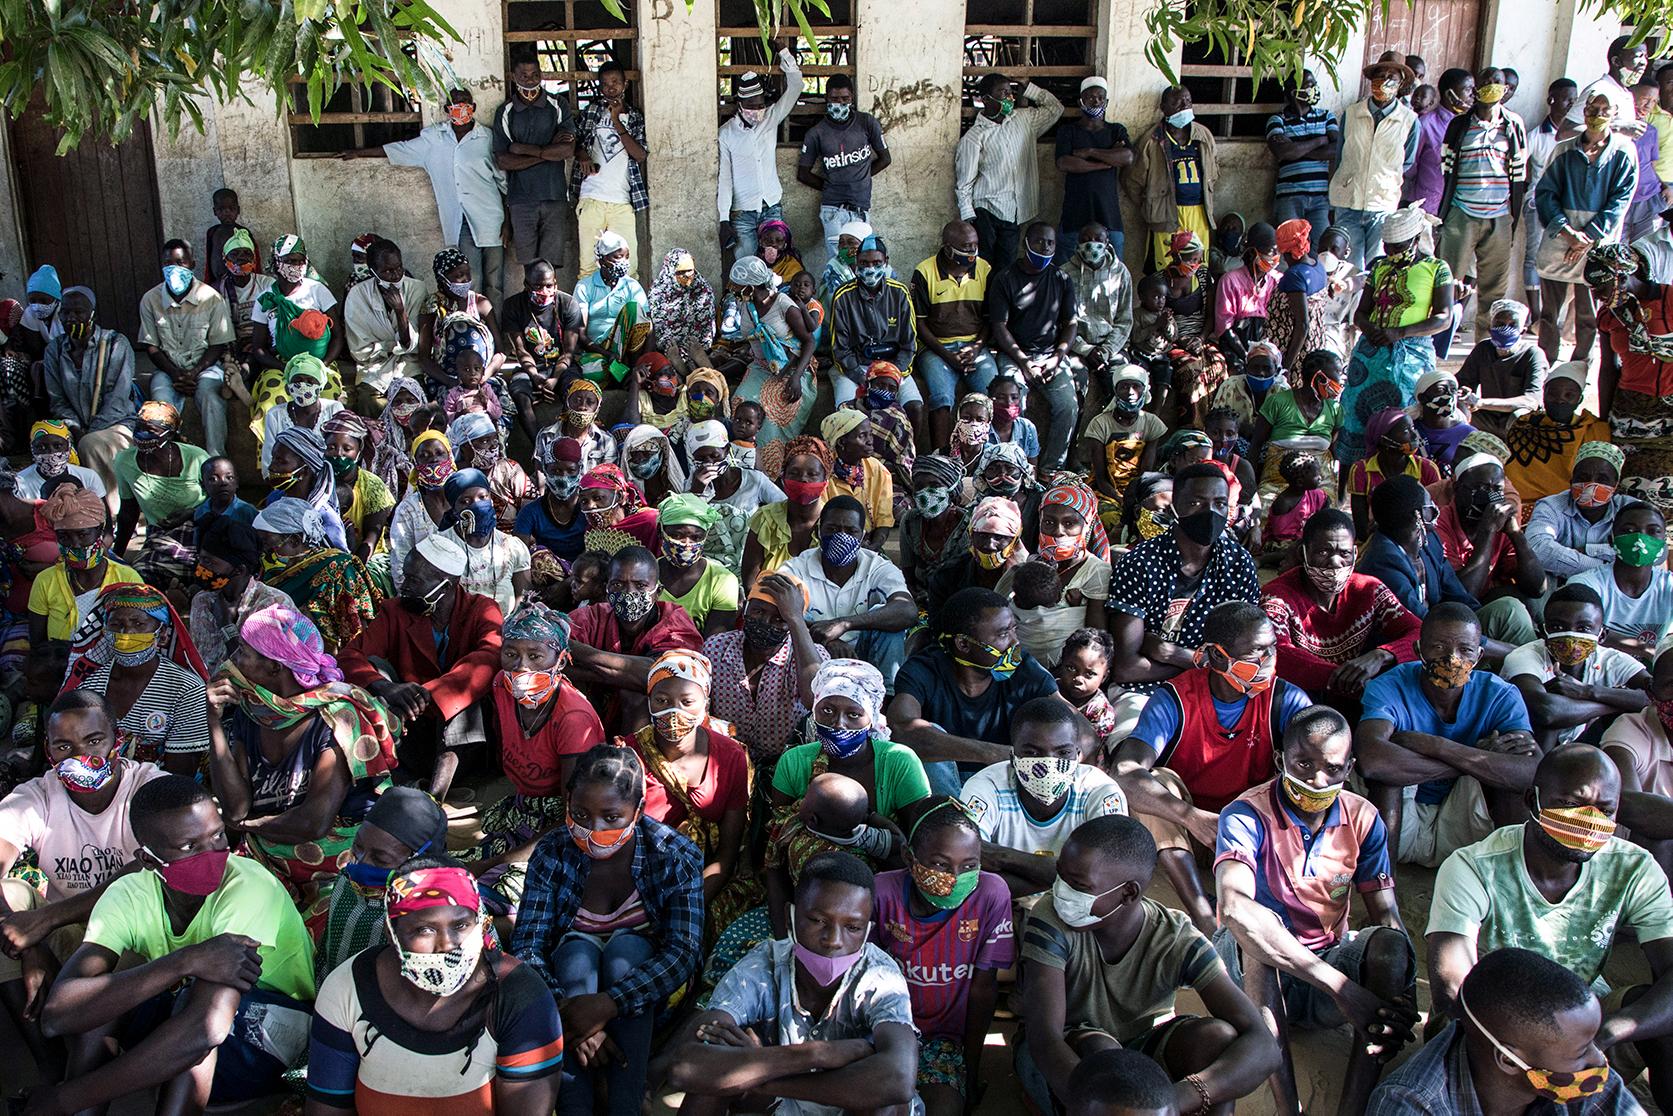 """Deslocados da violência armada em Cabo Delgado reunidos no campo de deslocados de Manono, Metuge, Moçambique 22 de julho de 2020. """"Não é impossível"""" cumprir as medidas nestes campos, diz Daniel Timme, chefe de comunicação do Fundo das Nações Unidas para a Infância (UNICEF), """"mas é um processo educacional"""". (ACOMPANHA TEXTO DE 26 DE JULHO DE 2020). RICARDO FRANCO/LUSA"""